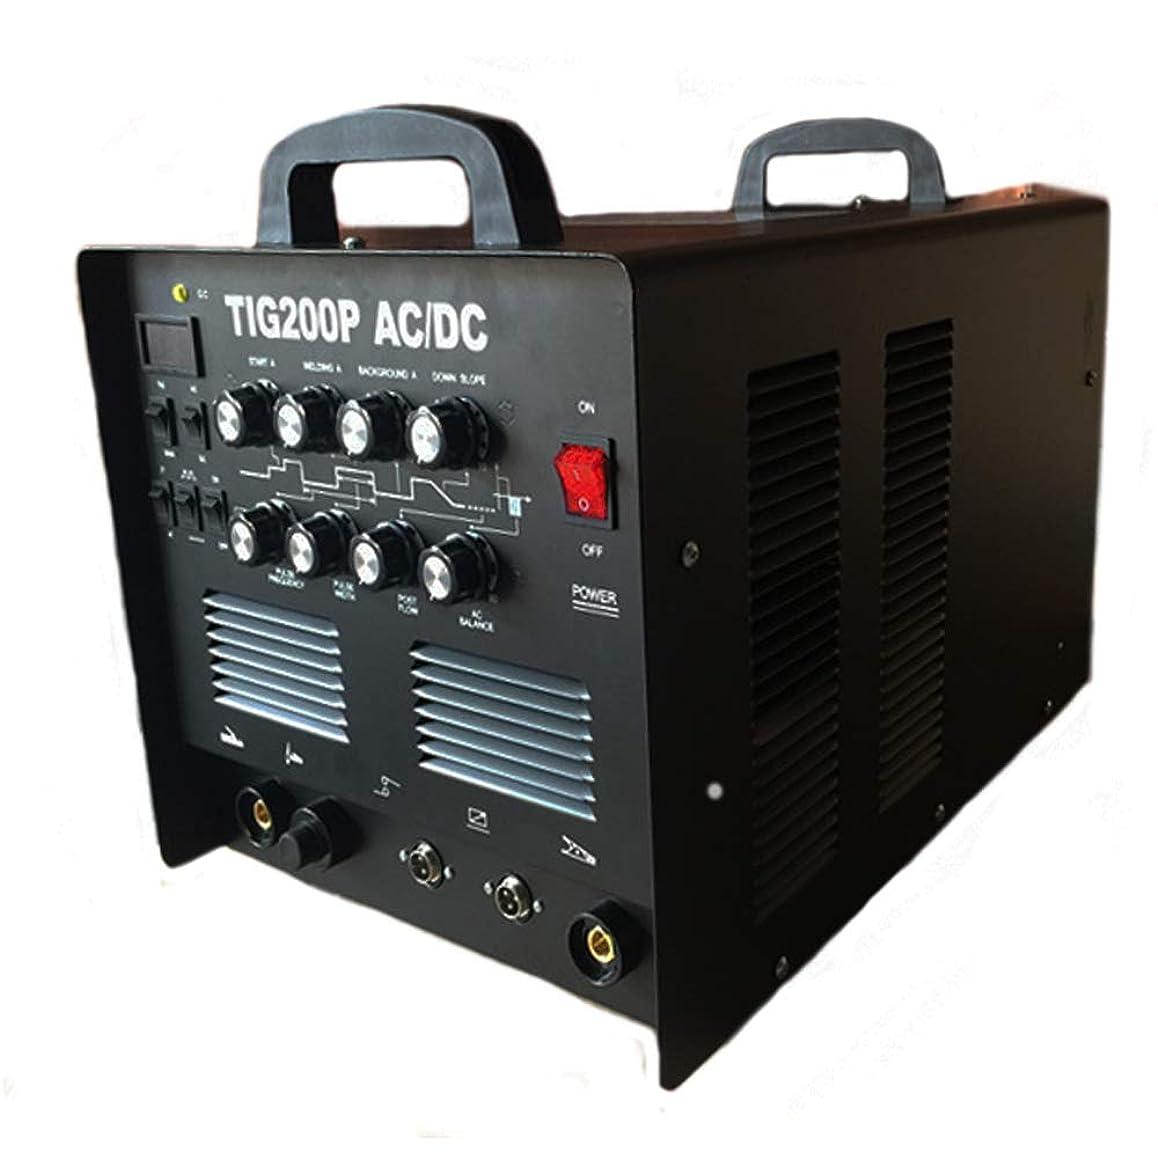 転倒魅力アクロバットTIG200P TIG溶接機 交流 直流 AC/DC 切替式 インバーター TIG 溶接機 アルミ溶接 パルス溶接 アルミOK! 高機能本格モデル 半年保証付き!